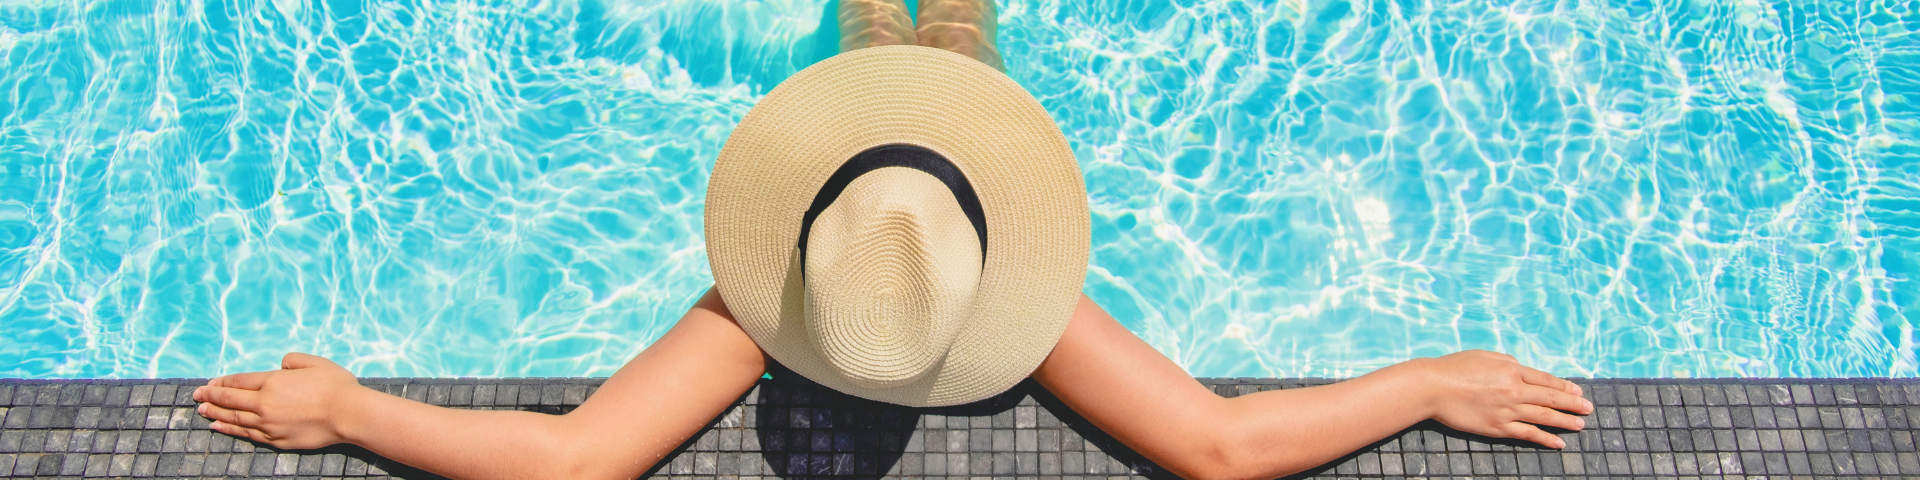 Sommerurlaub günstig buchen!